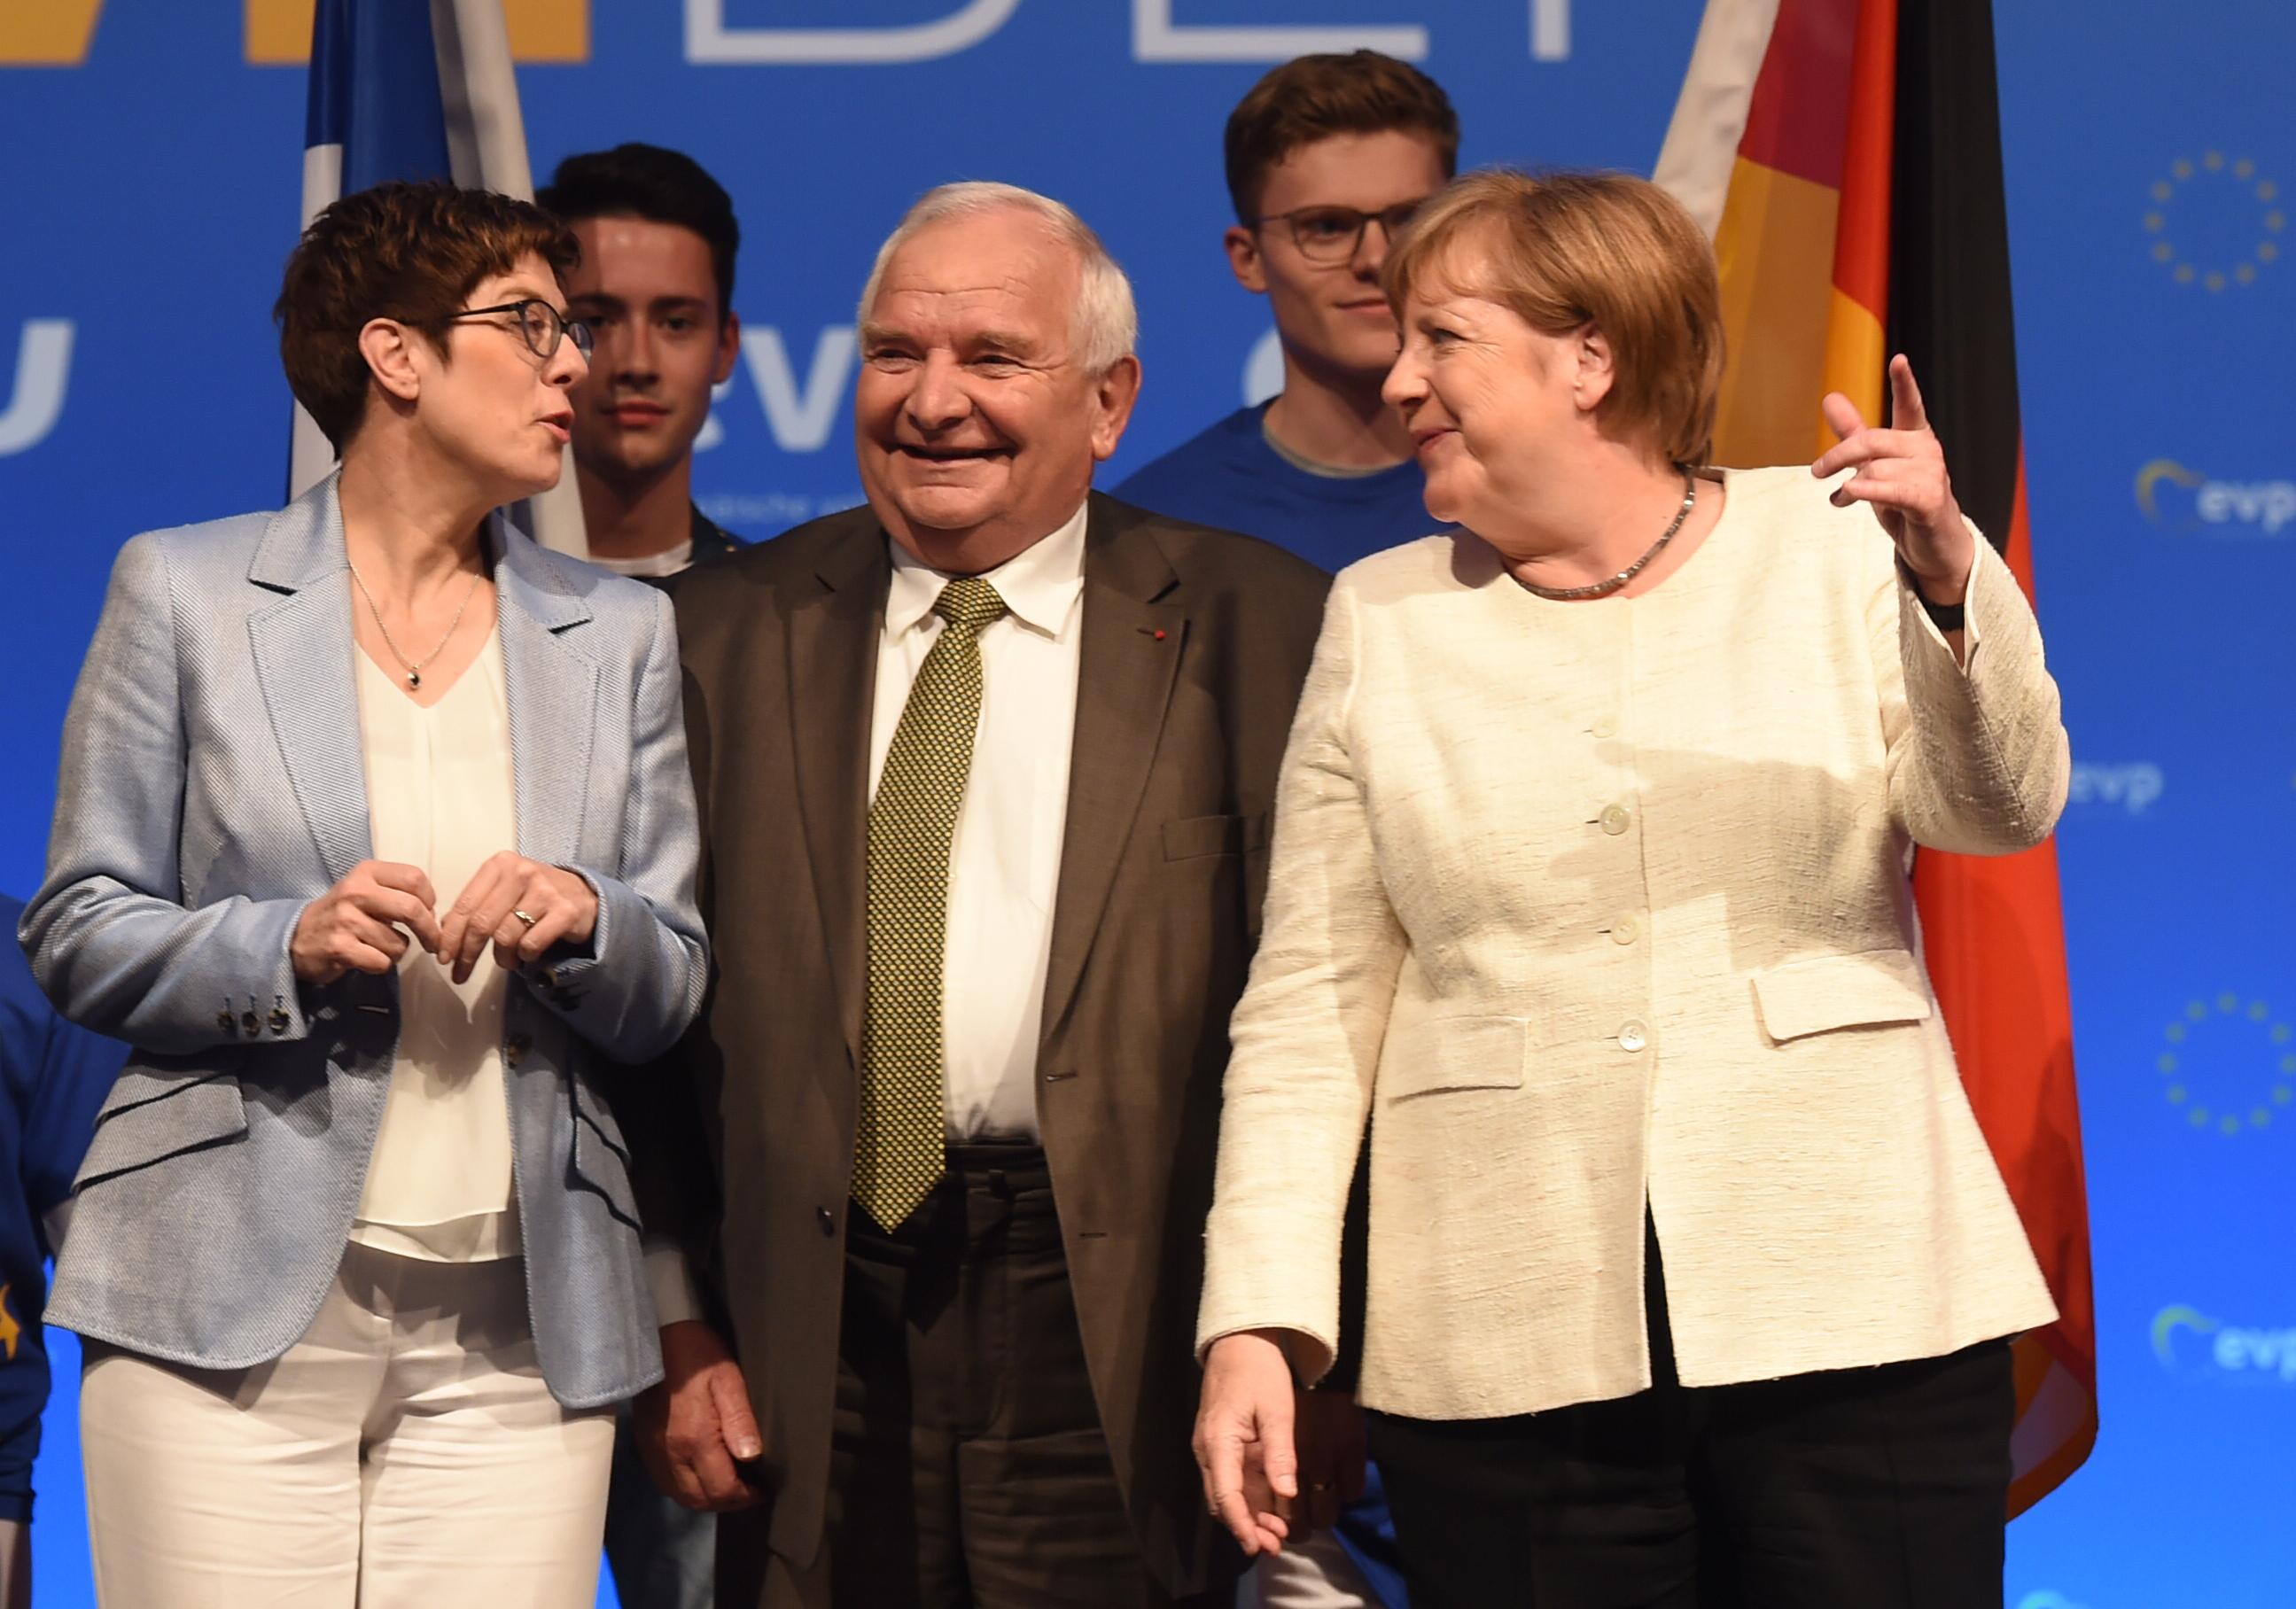 Az Európai Néppárt elnöke szerint nacionalistákkal és Európa-ellenesekkel nem lehet a jövőt építeni